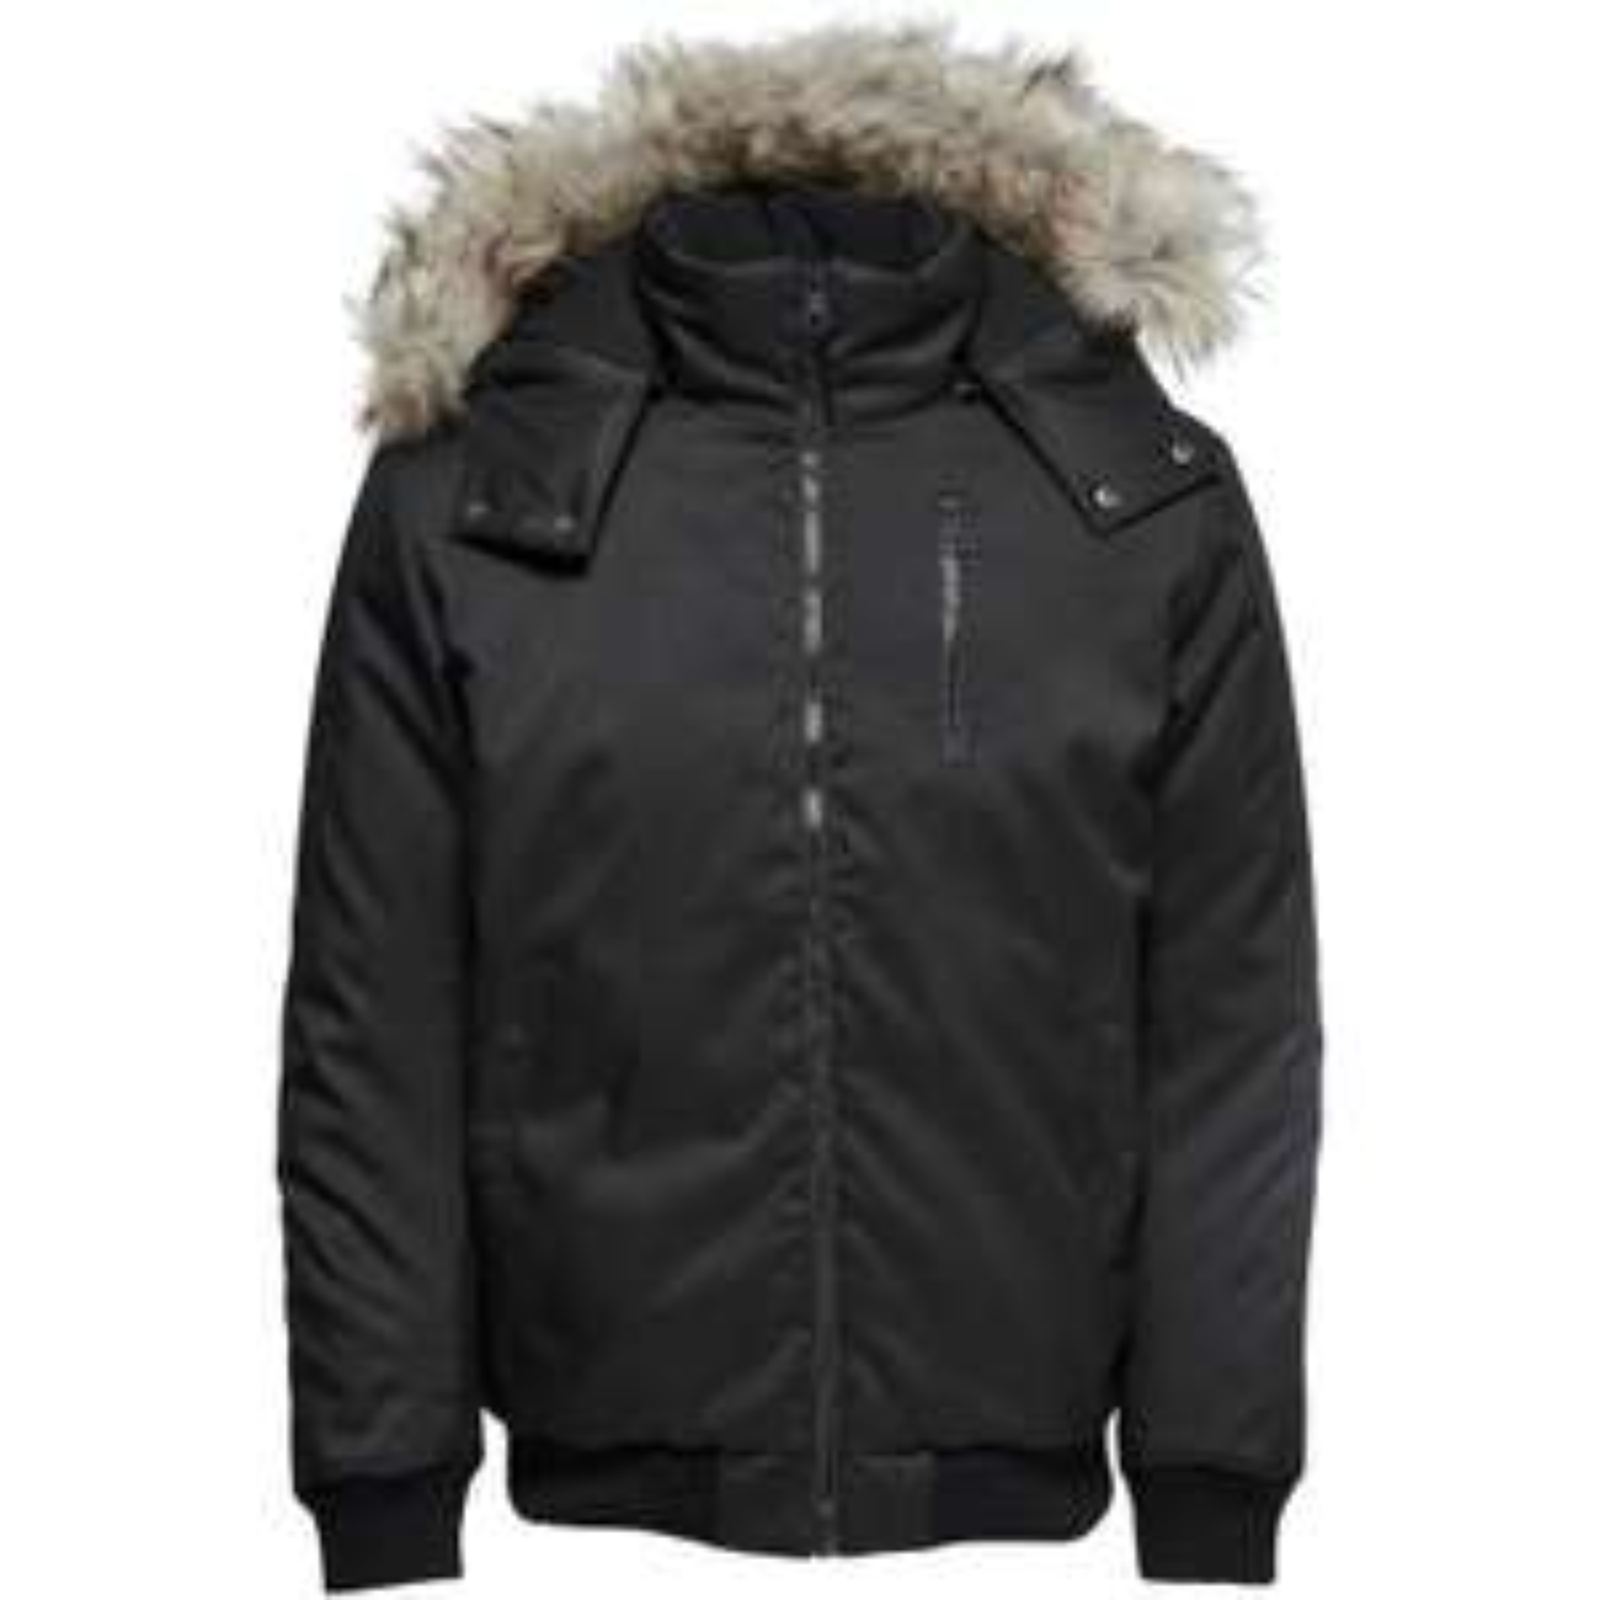 Blouson homme Only & Sons Bomber Jacket - Noir, Tailles S à XL